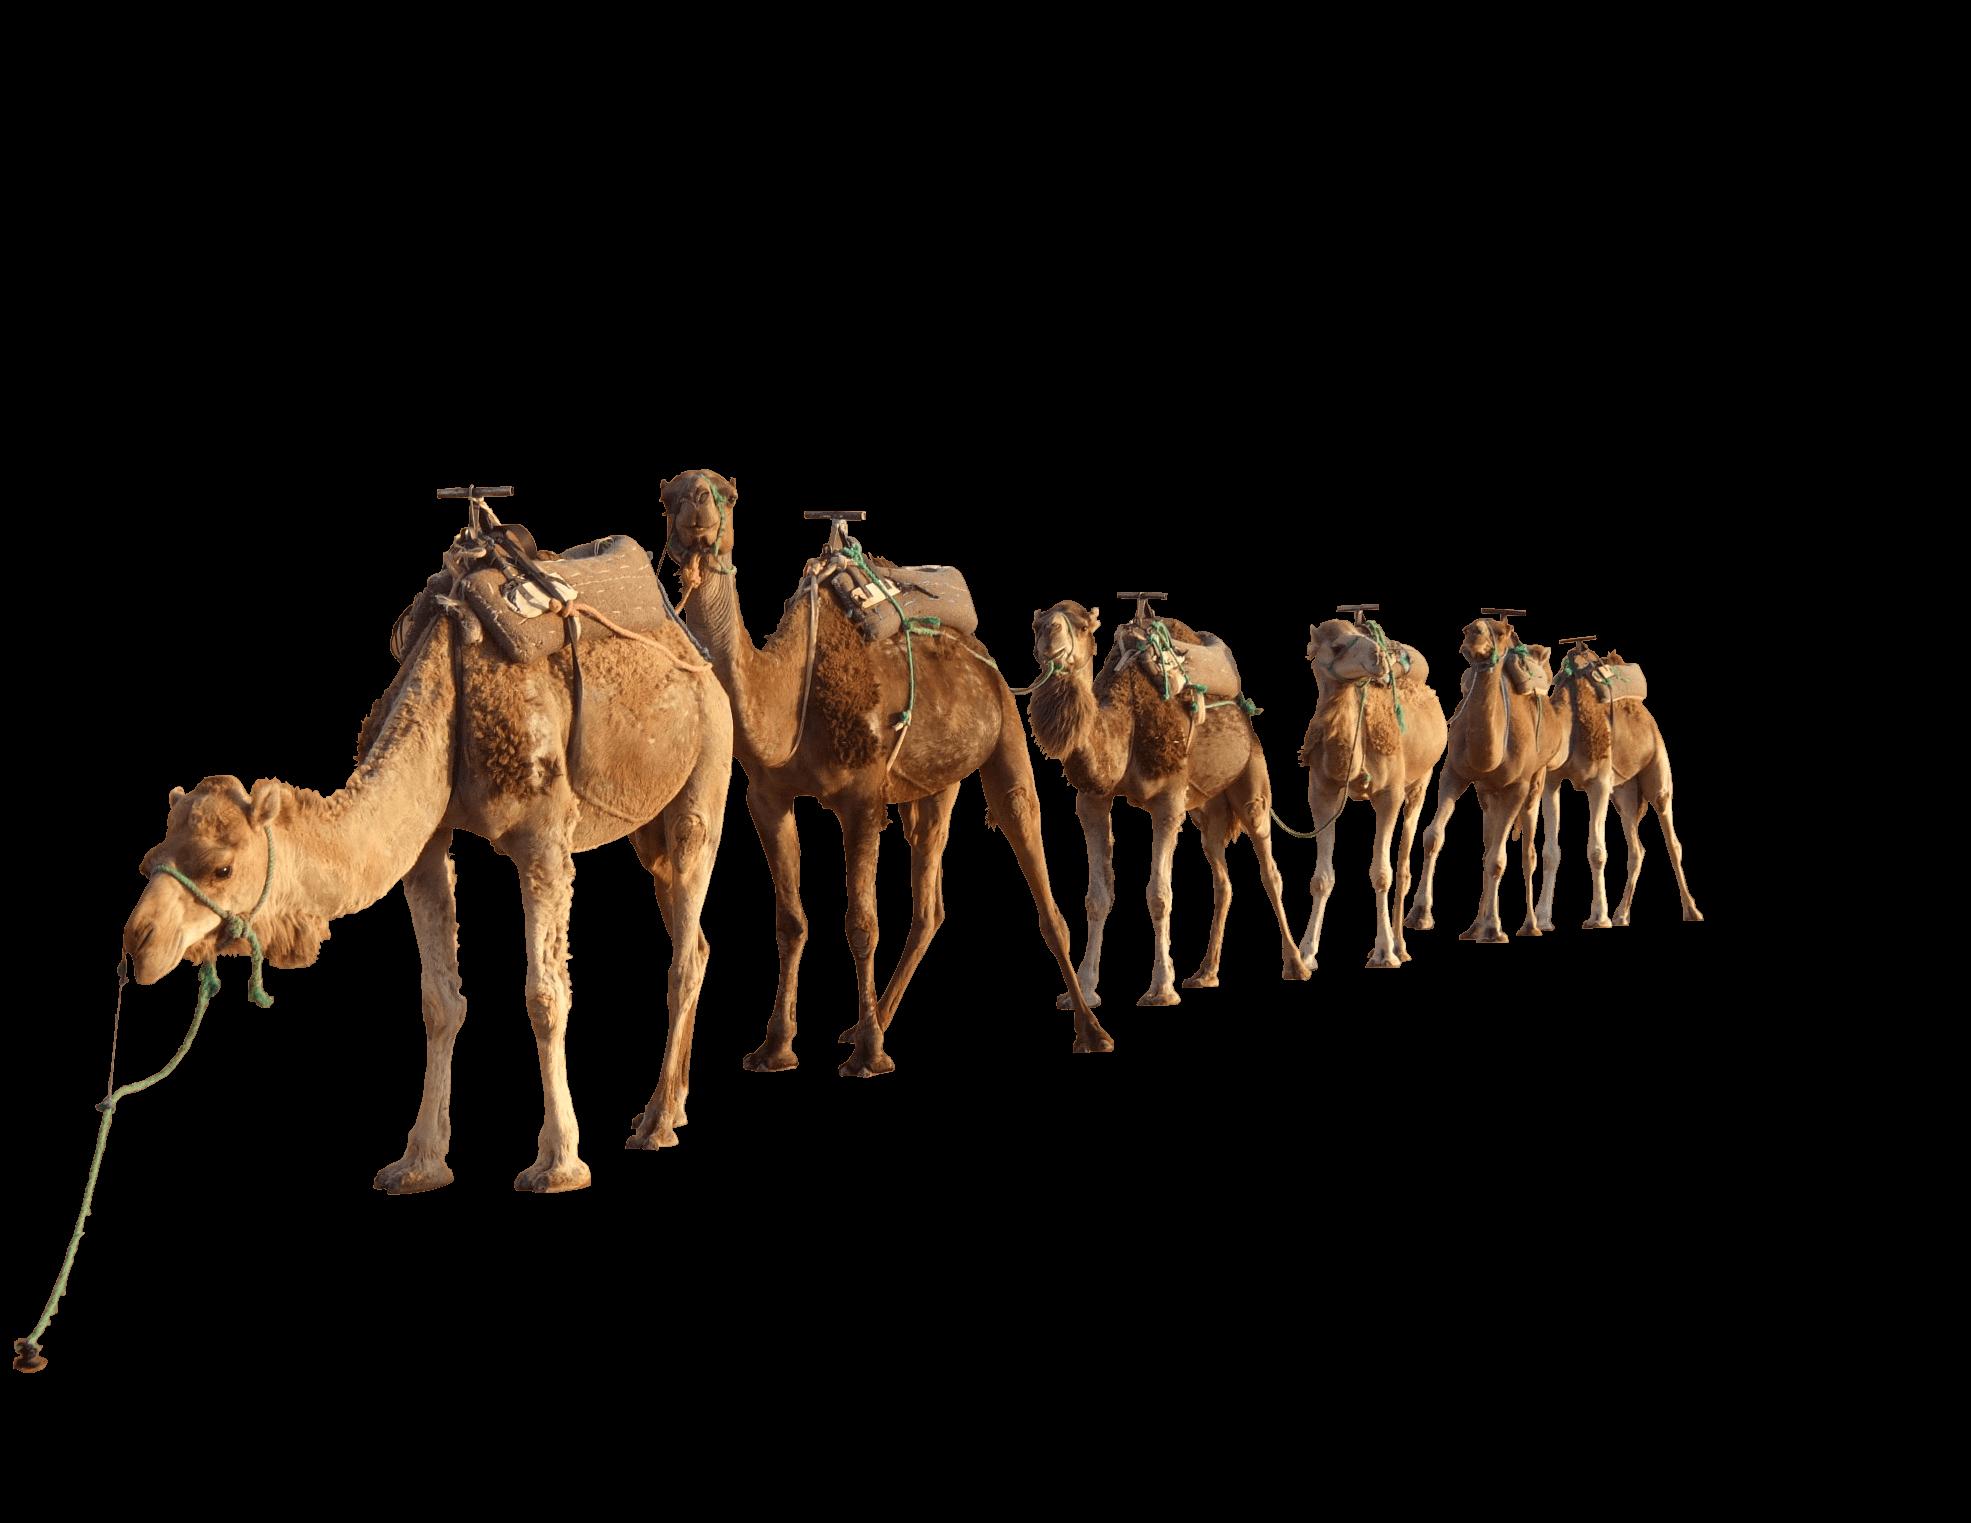 Camel Group - Camel PNG